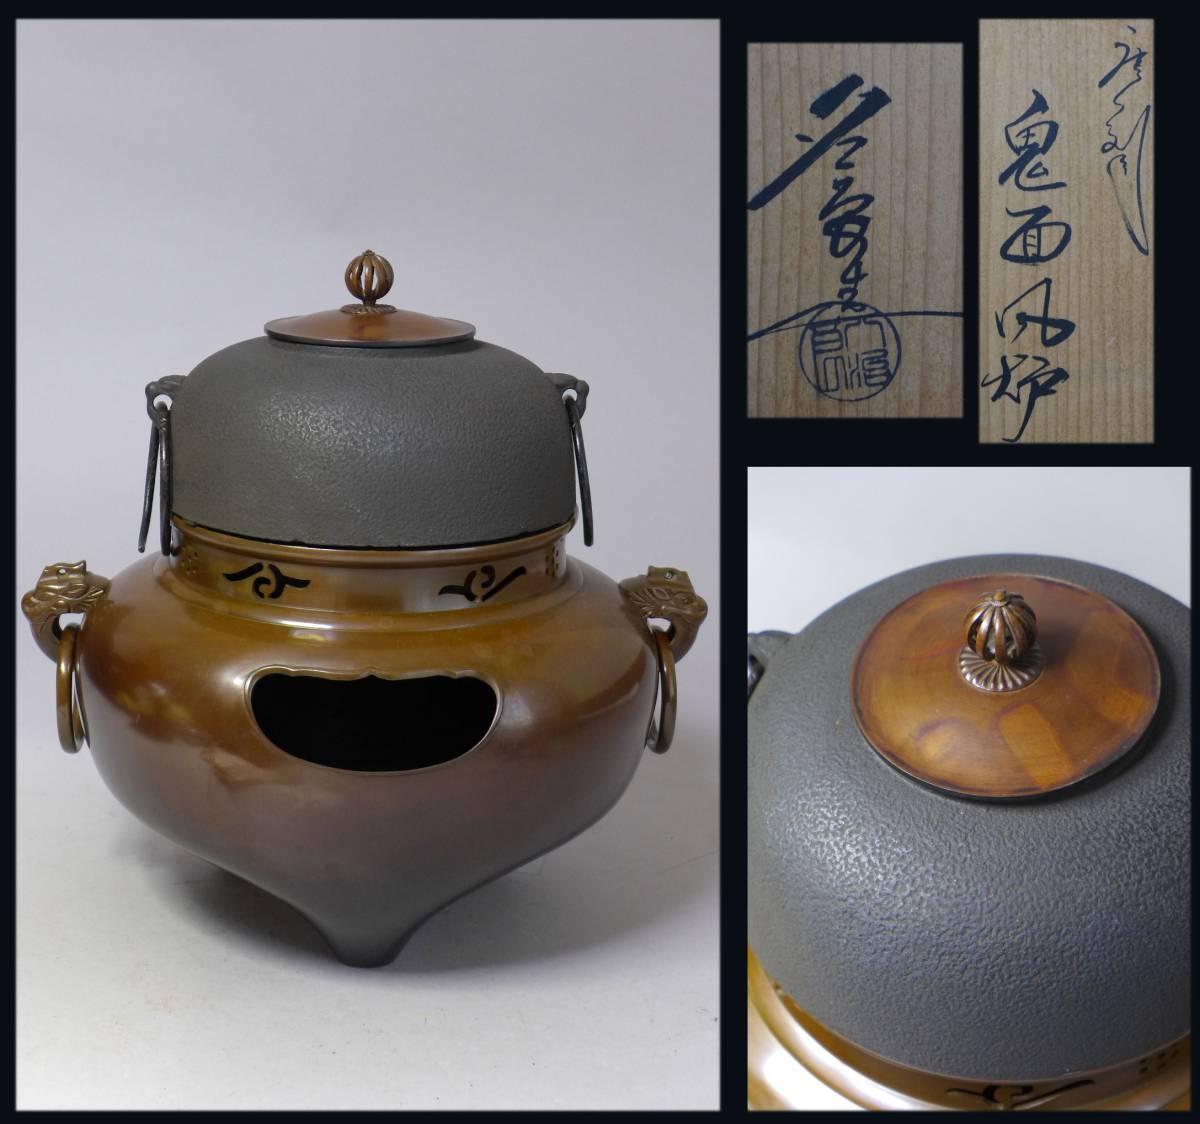 鋳物師 八治良 造 唐銅 鬼面風炉 共箱 茶道具